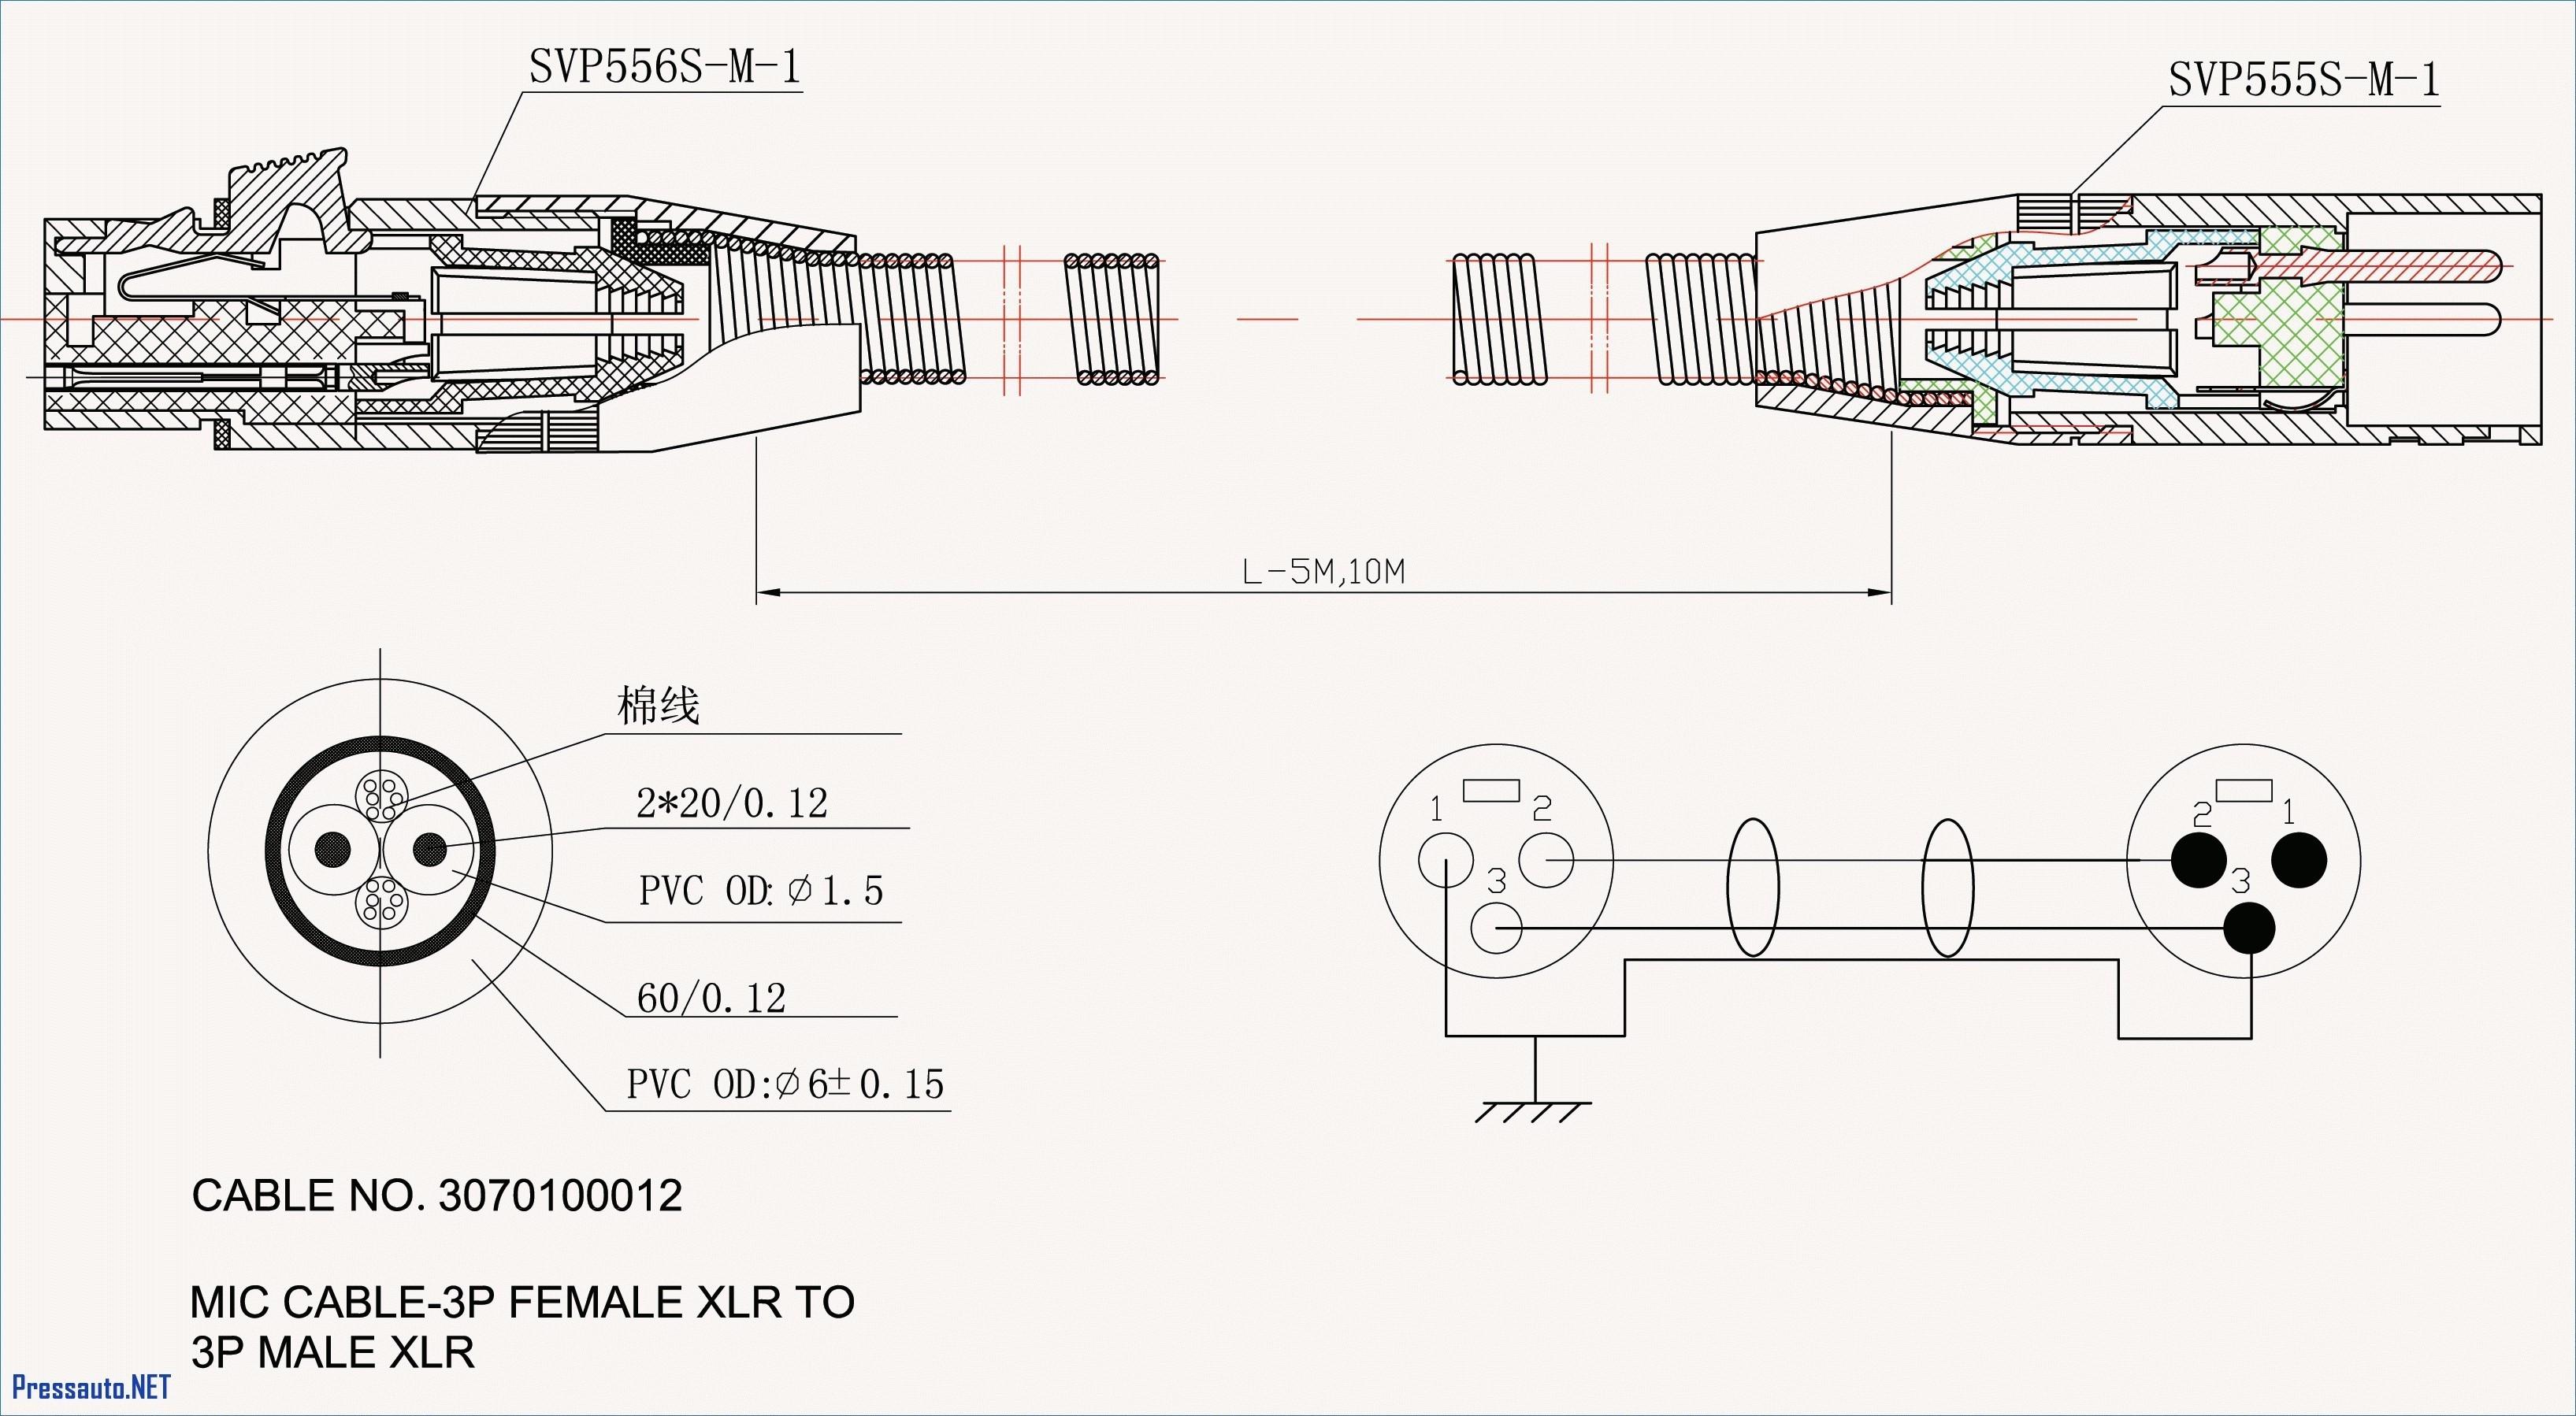 7 Pin Wiring Diagram Australian 7 Pin Wiring Diagram New 7 Pin Plug Wiring Diagram Fresh Of 7 Pin Wiring Diagram